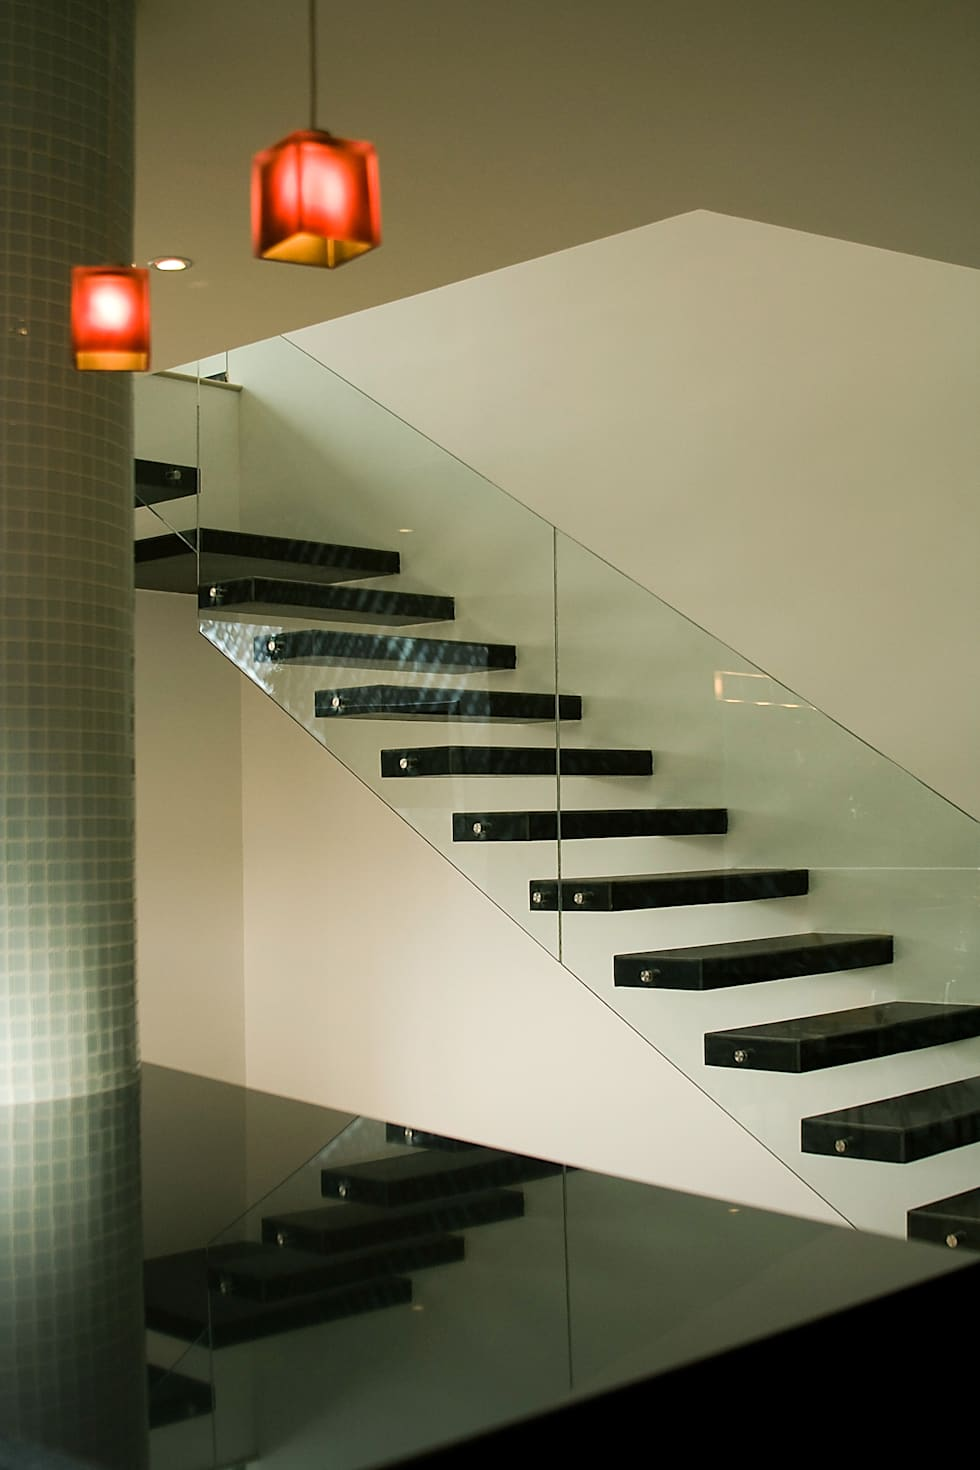 Pent House  RuizPerez-Escalera: Escaleras de estilo  por RIVAL Arquitectos  S.A.S.